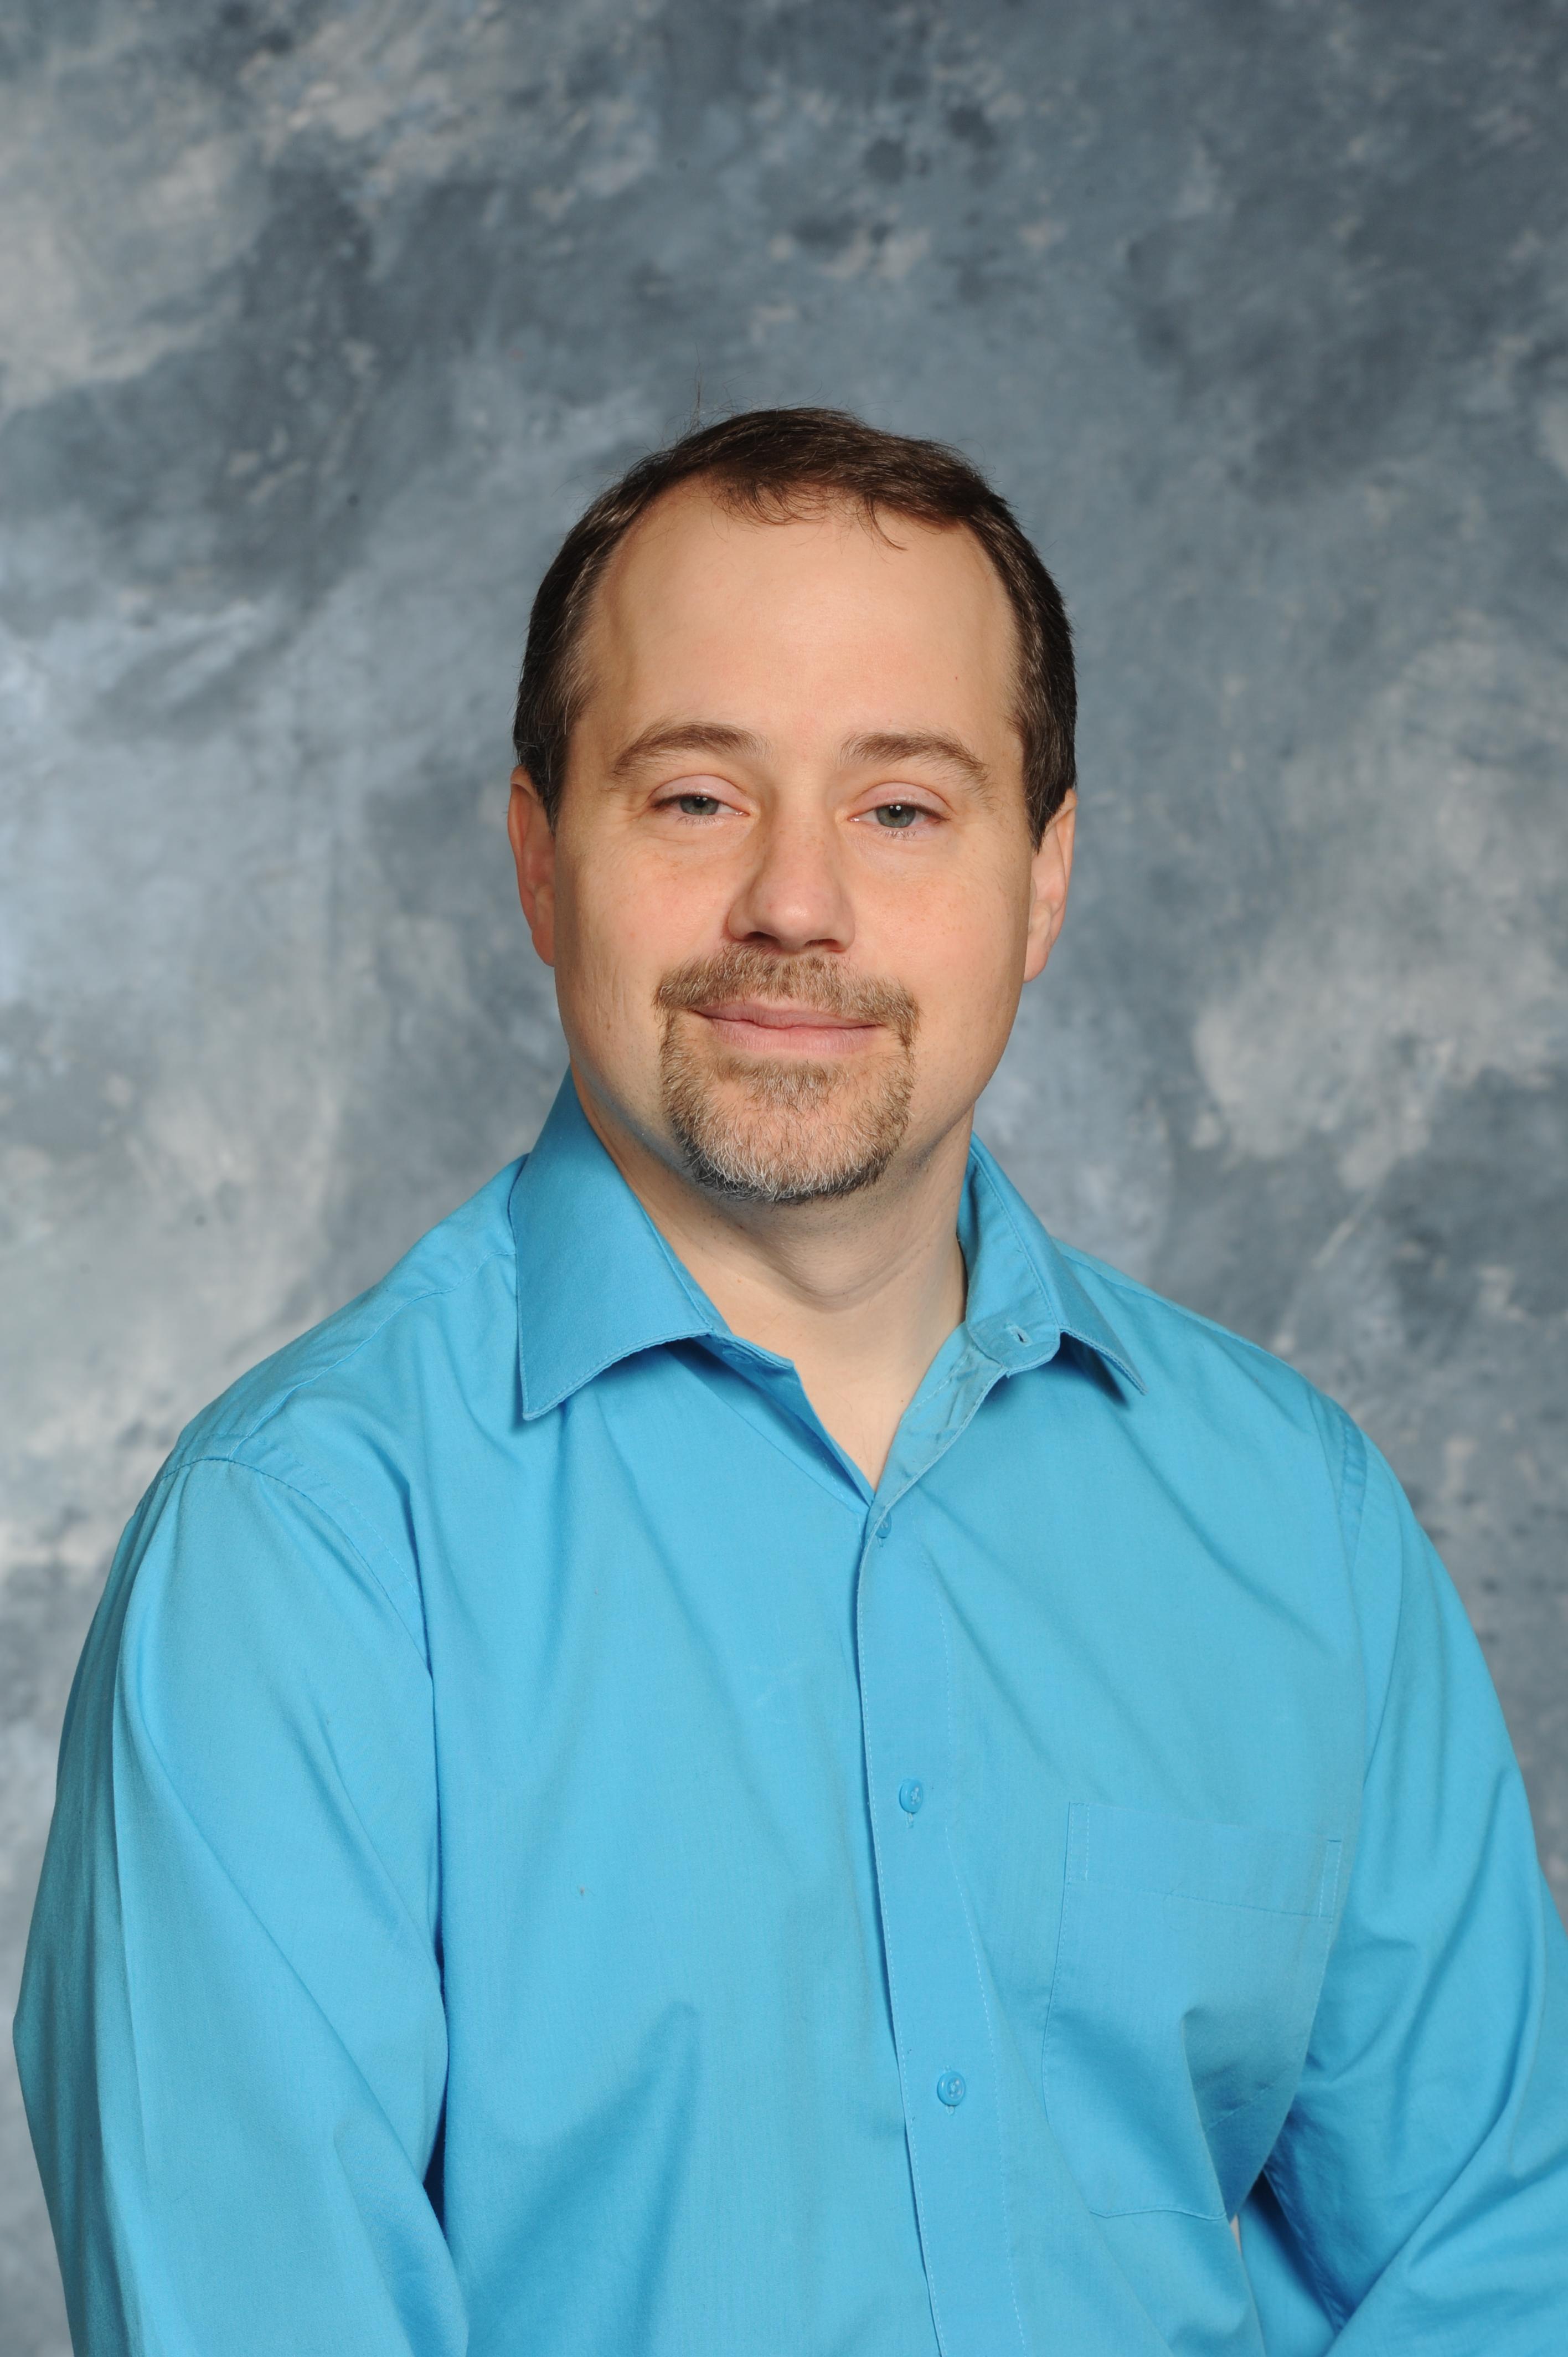 Picture of Allen Reichert, Librarian